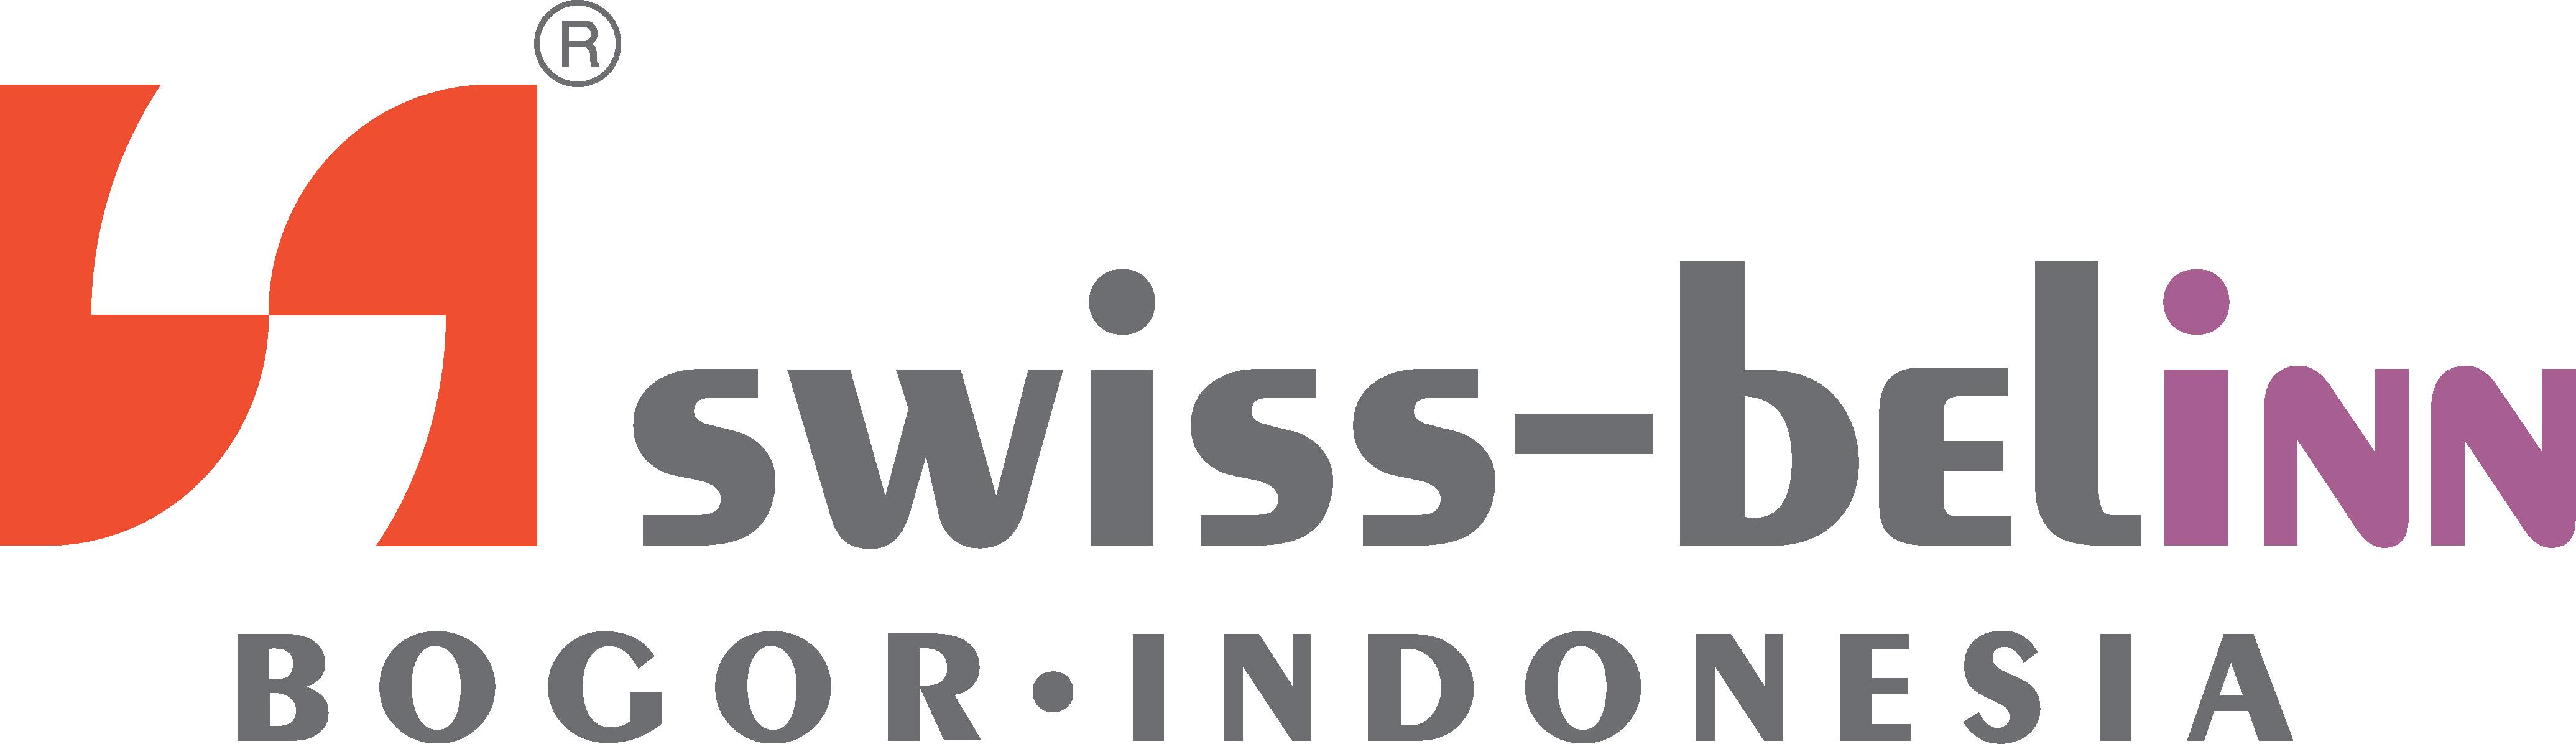 Swiss-Belinn Bogor